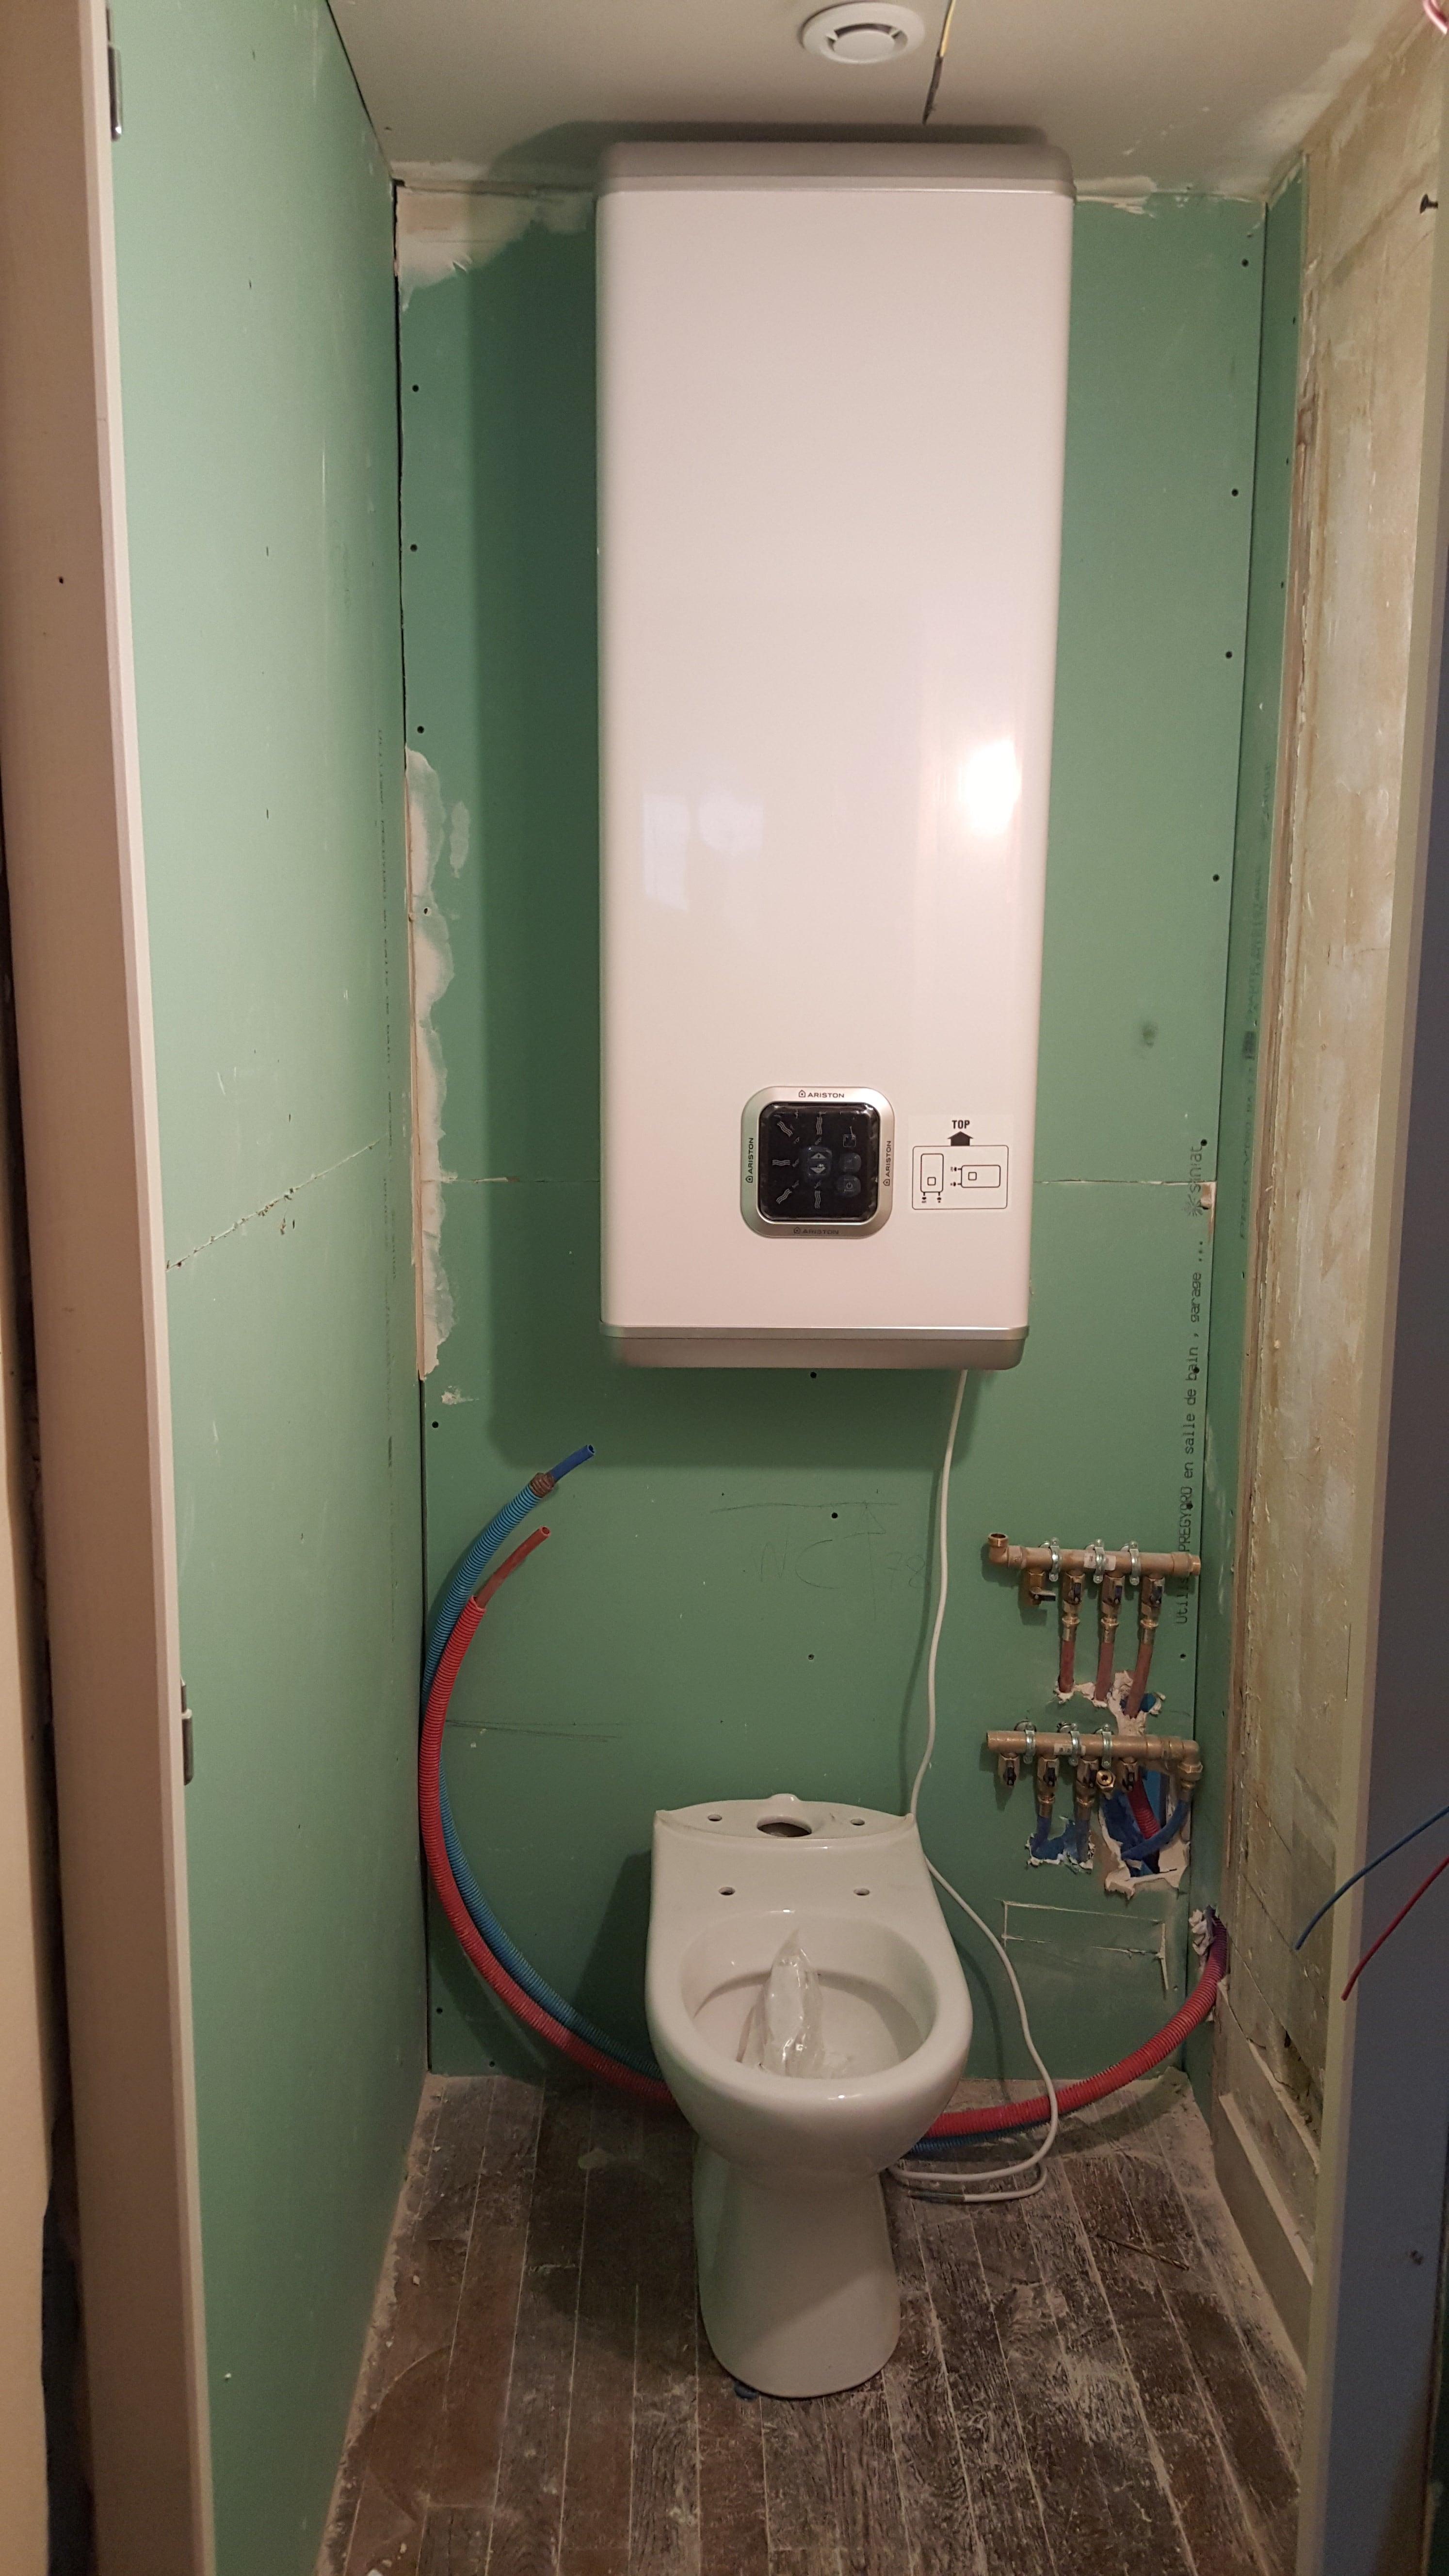 Travaux-de-renovation-a-Asnieres-d'un-studio-18-pose-de-carrelage-toile-de-verre-peinture-plomberie-electricite-wc-toilette-texas-batiment-rge-min